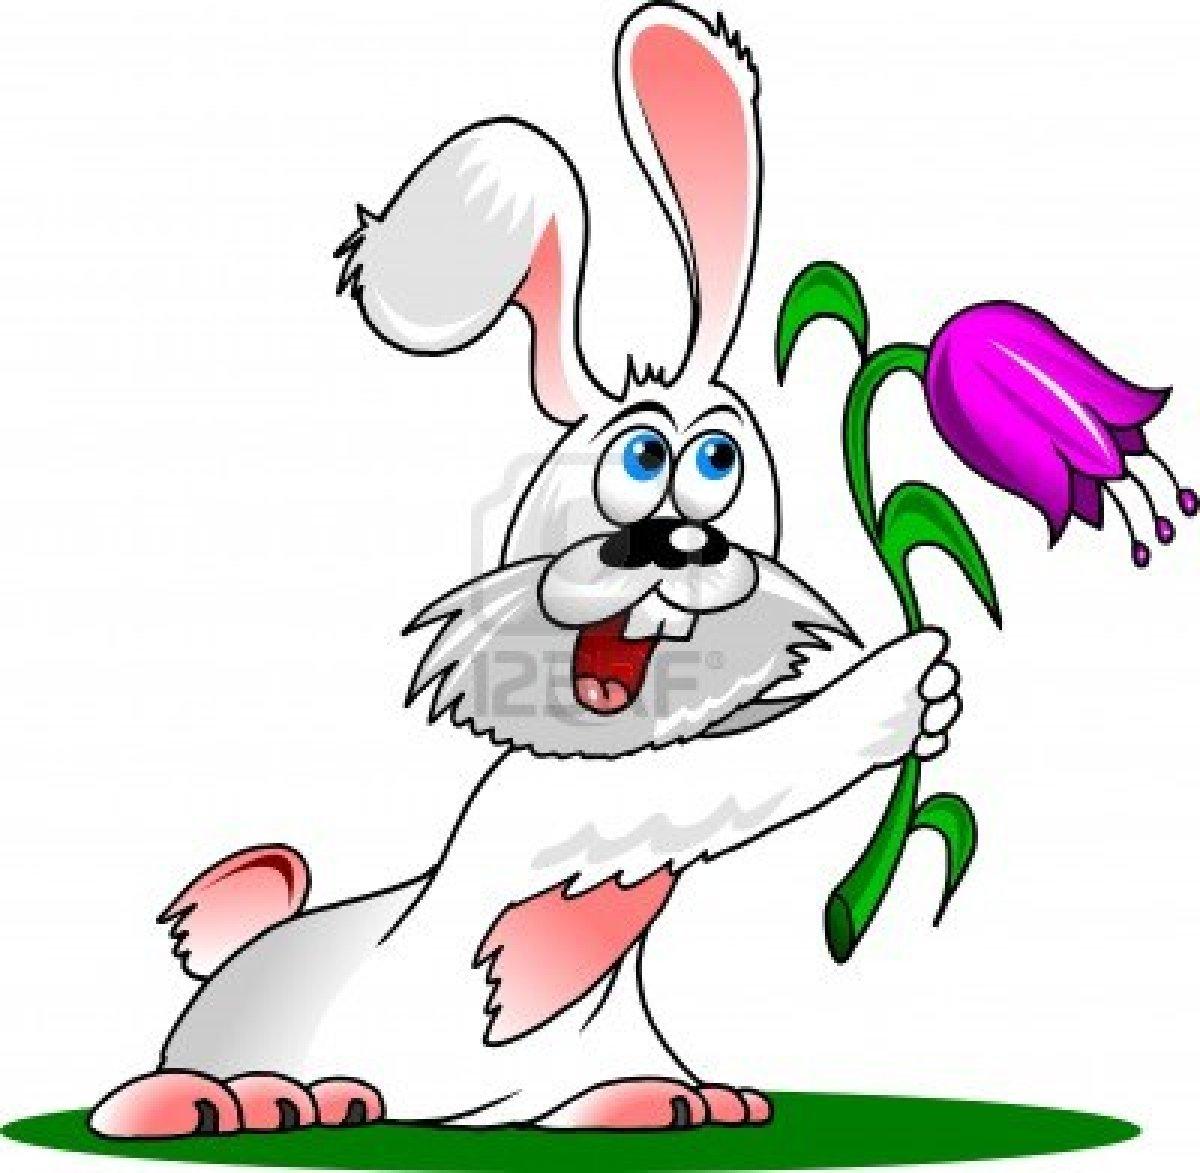 Dessins en couleurs imprimer lapin num ro 117487 - Dessin de fleur en couleur ...